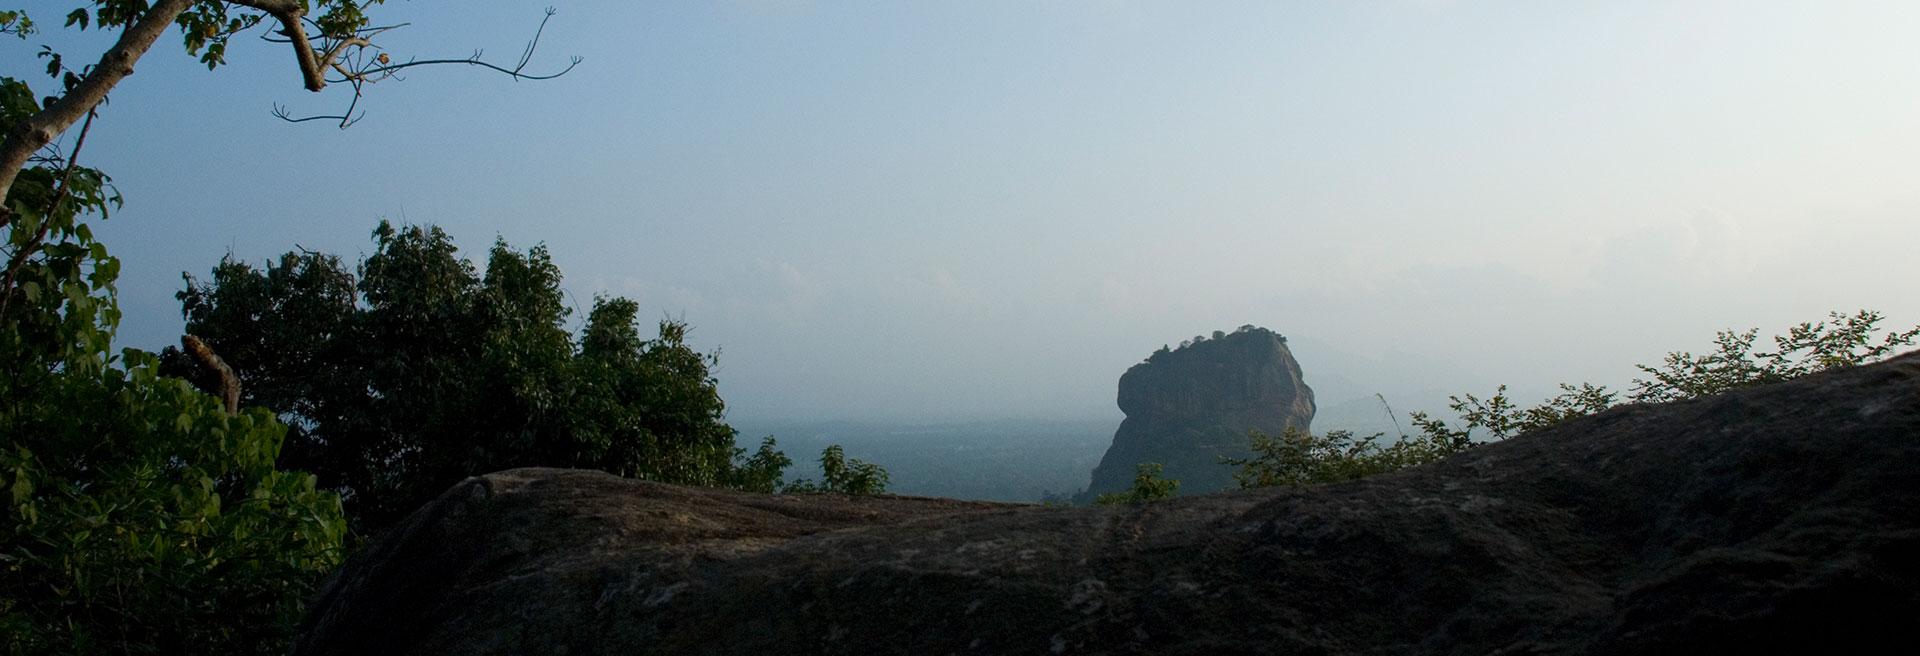 Pidurangala Excursion